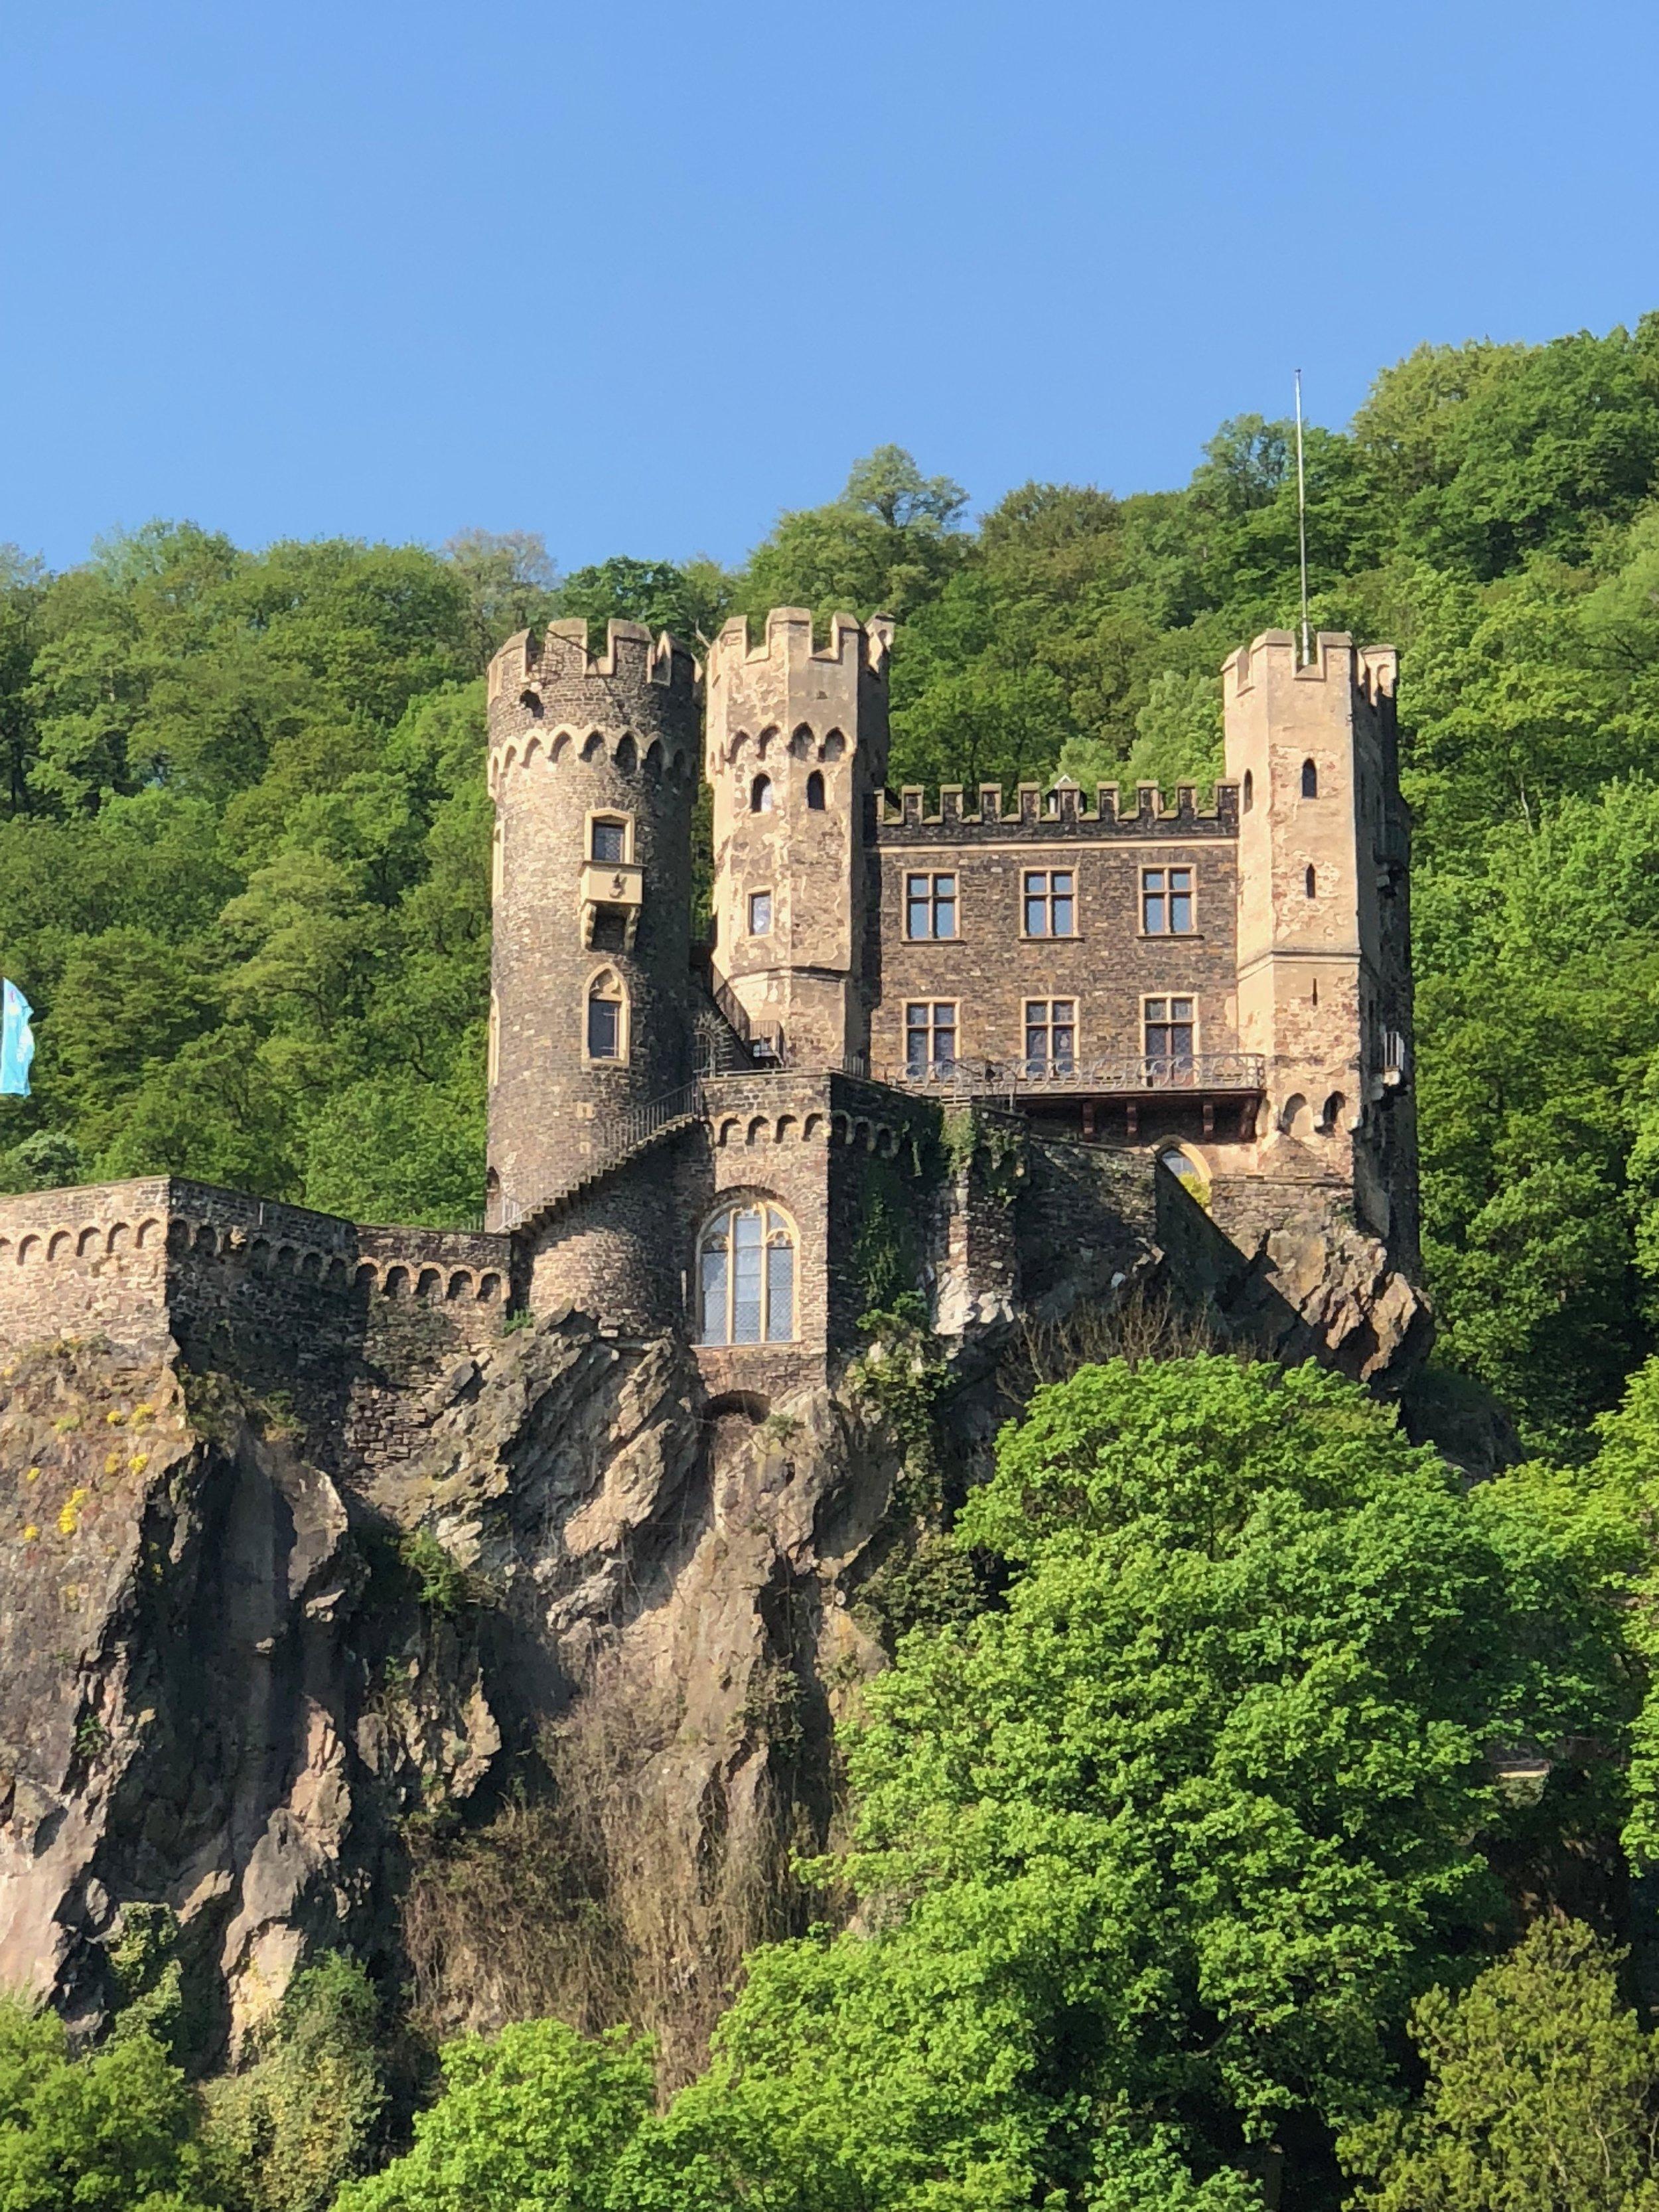 Castles everywhere!